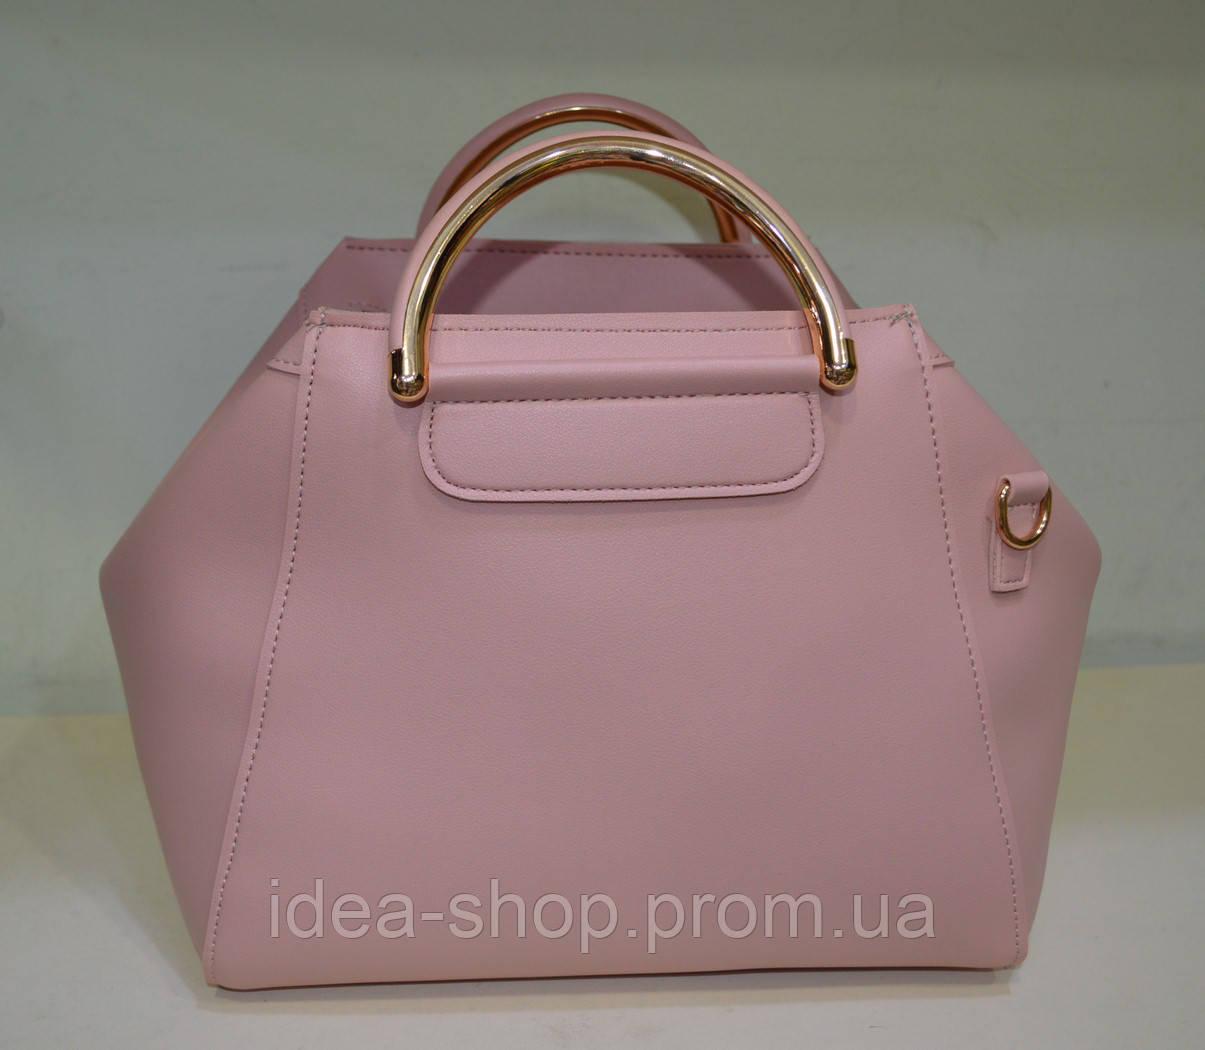 42b81f887679 Модная сумка через плечо из экокожи цвета пудра - интернет-магазин